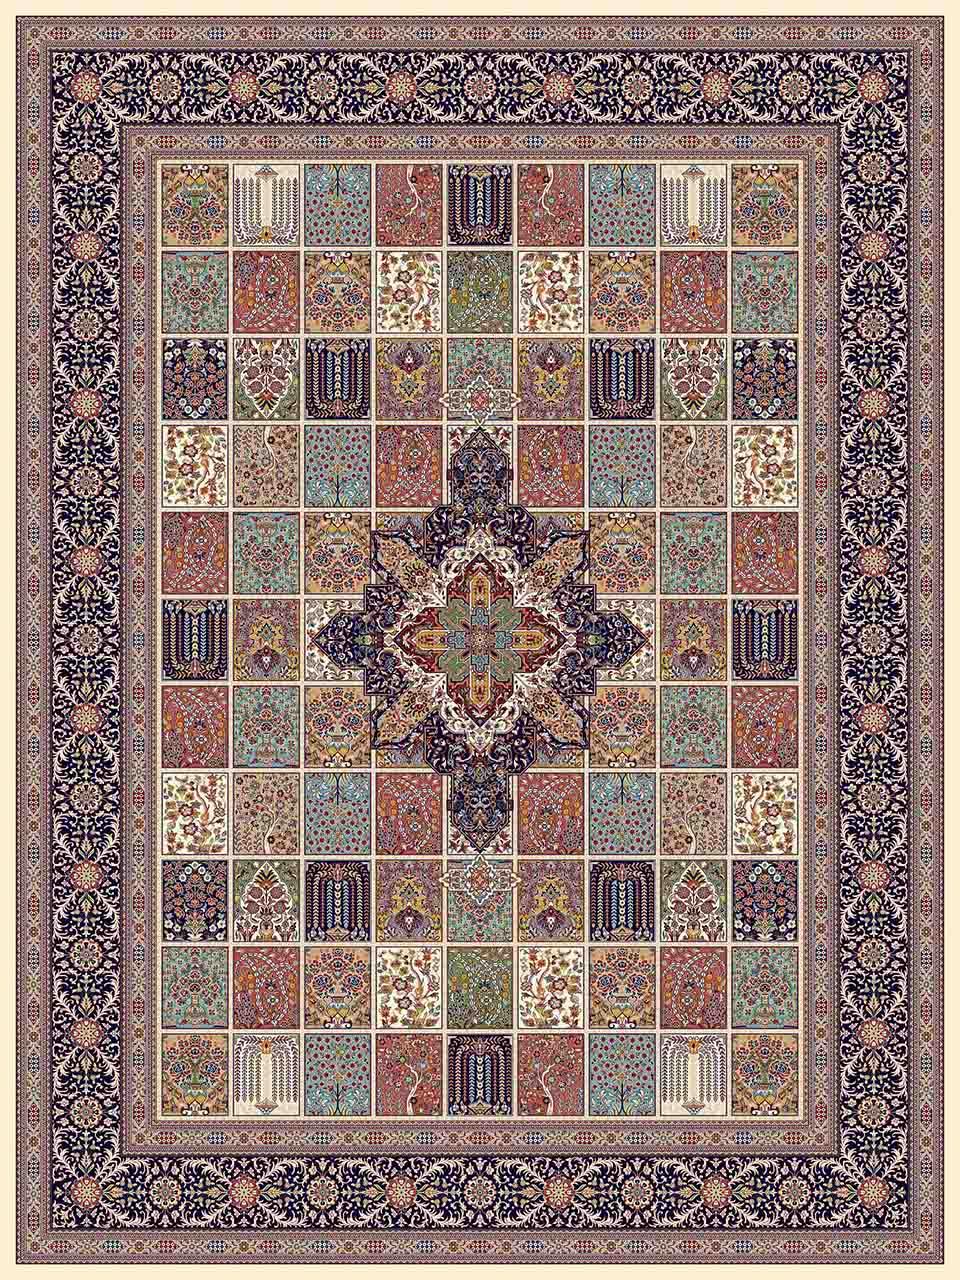 فرش (25017) اکریلیک - 8 رنگ - 700 شانه - كرم - تراکم 2550